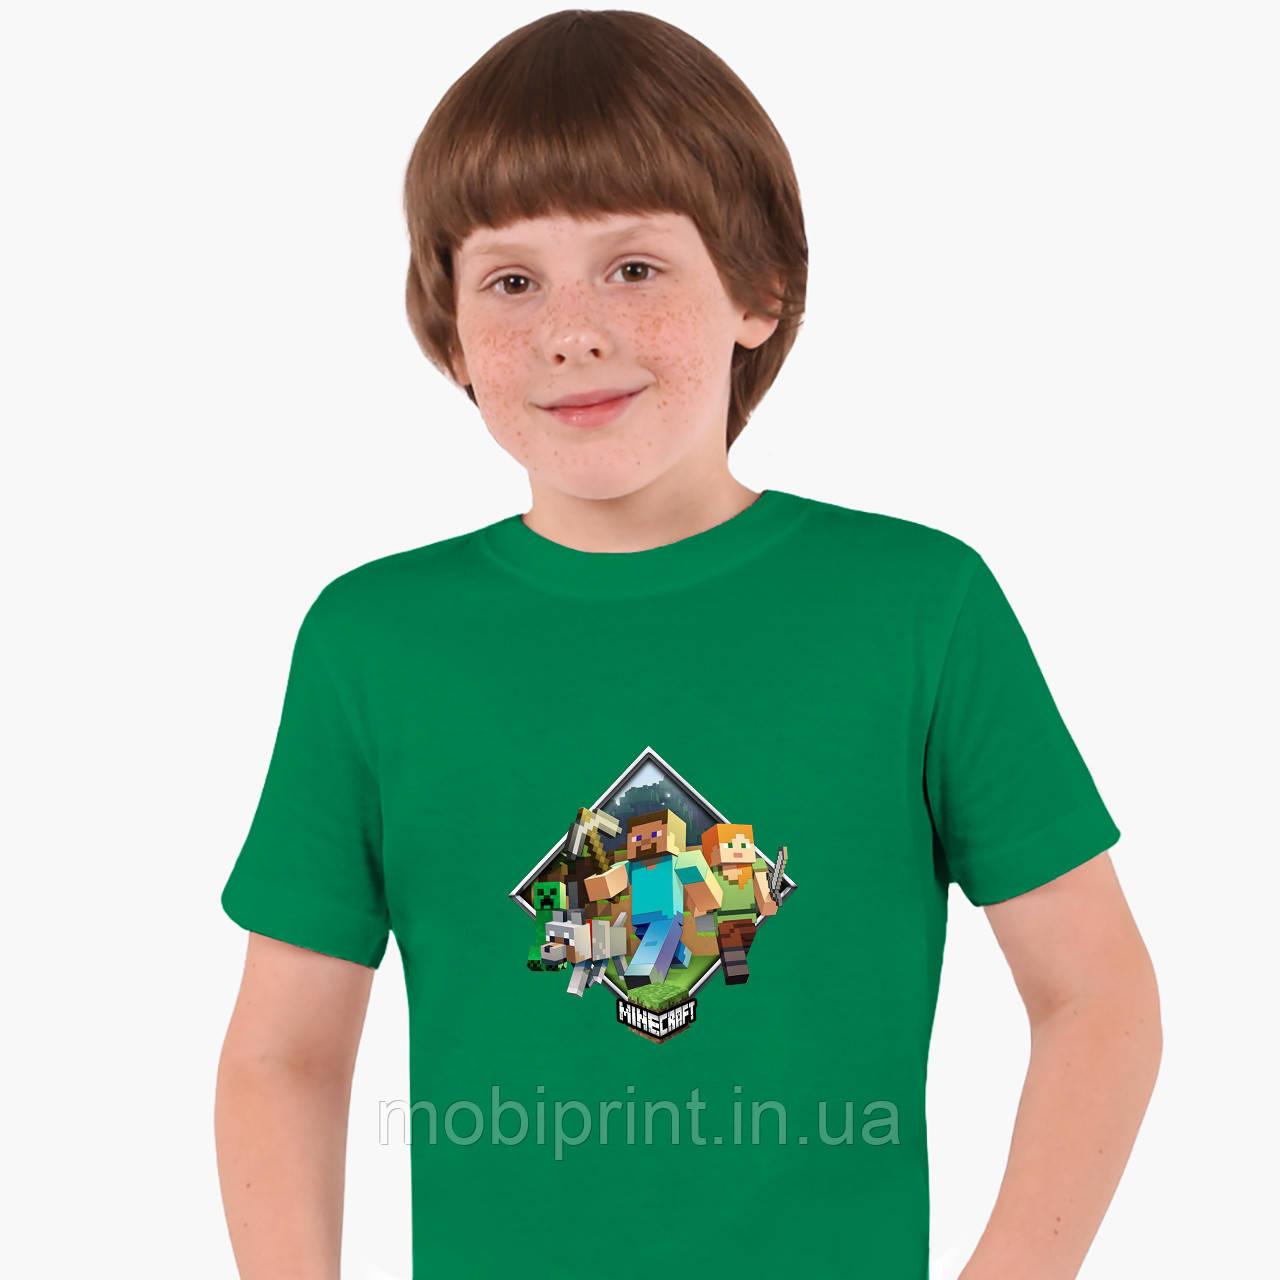 Детская футболка для мальчиков Майнкрафт (Minecraft) (25186-1175) Зеленый